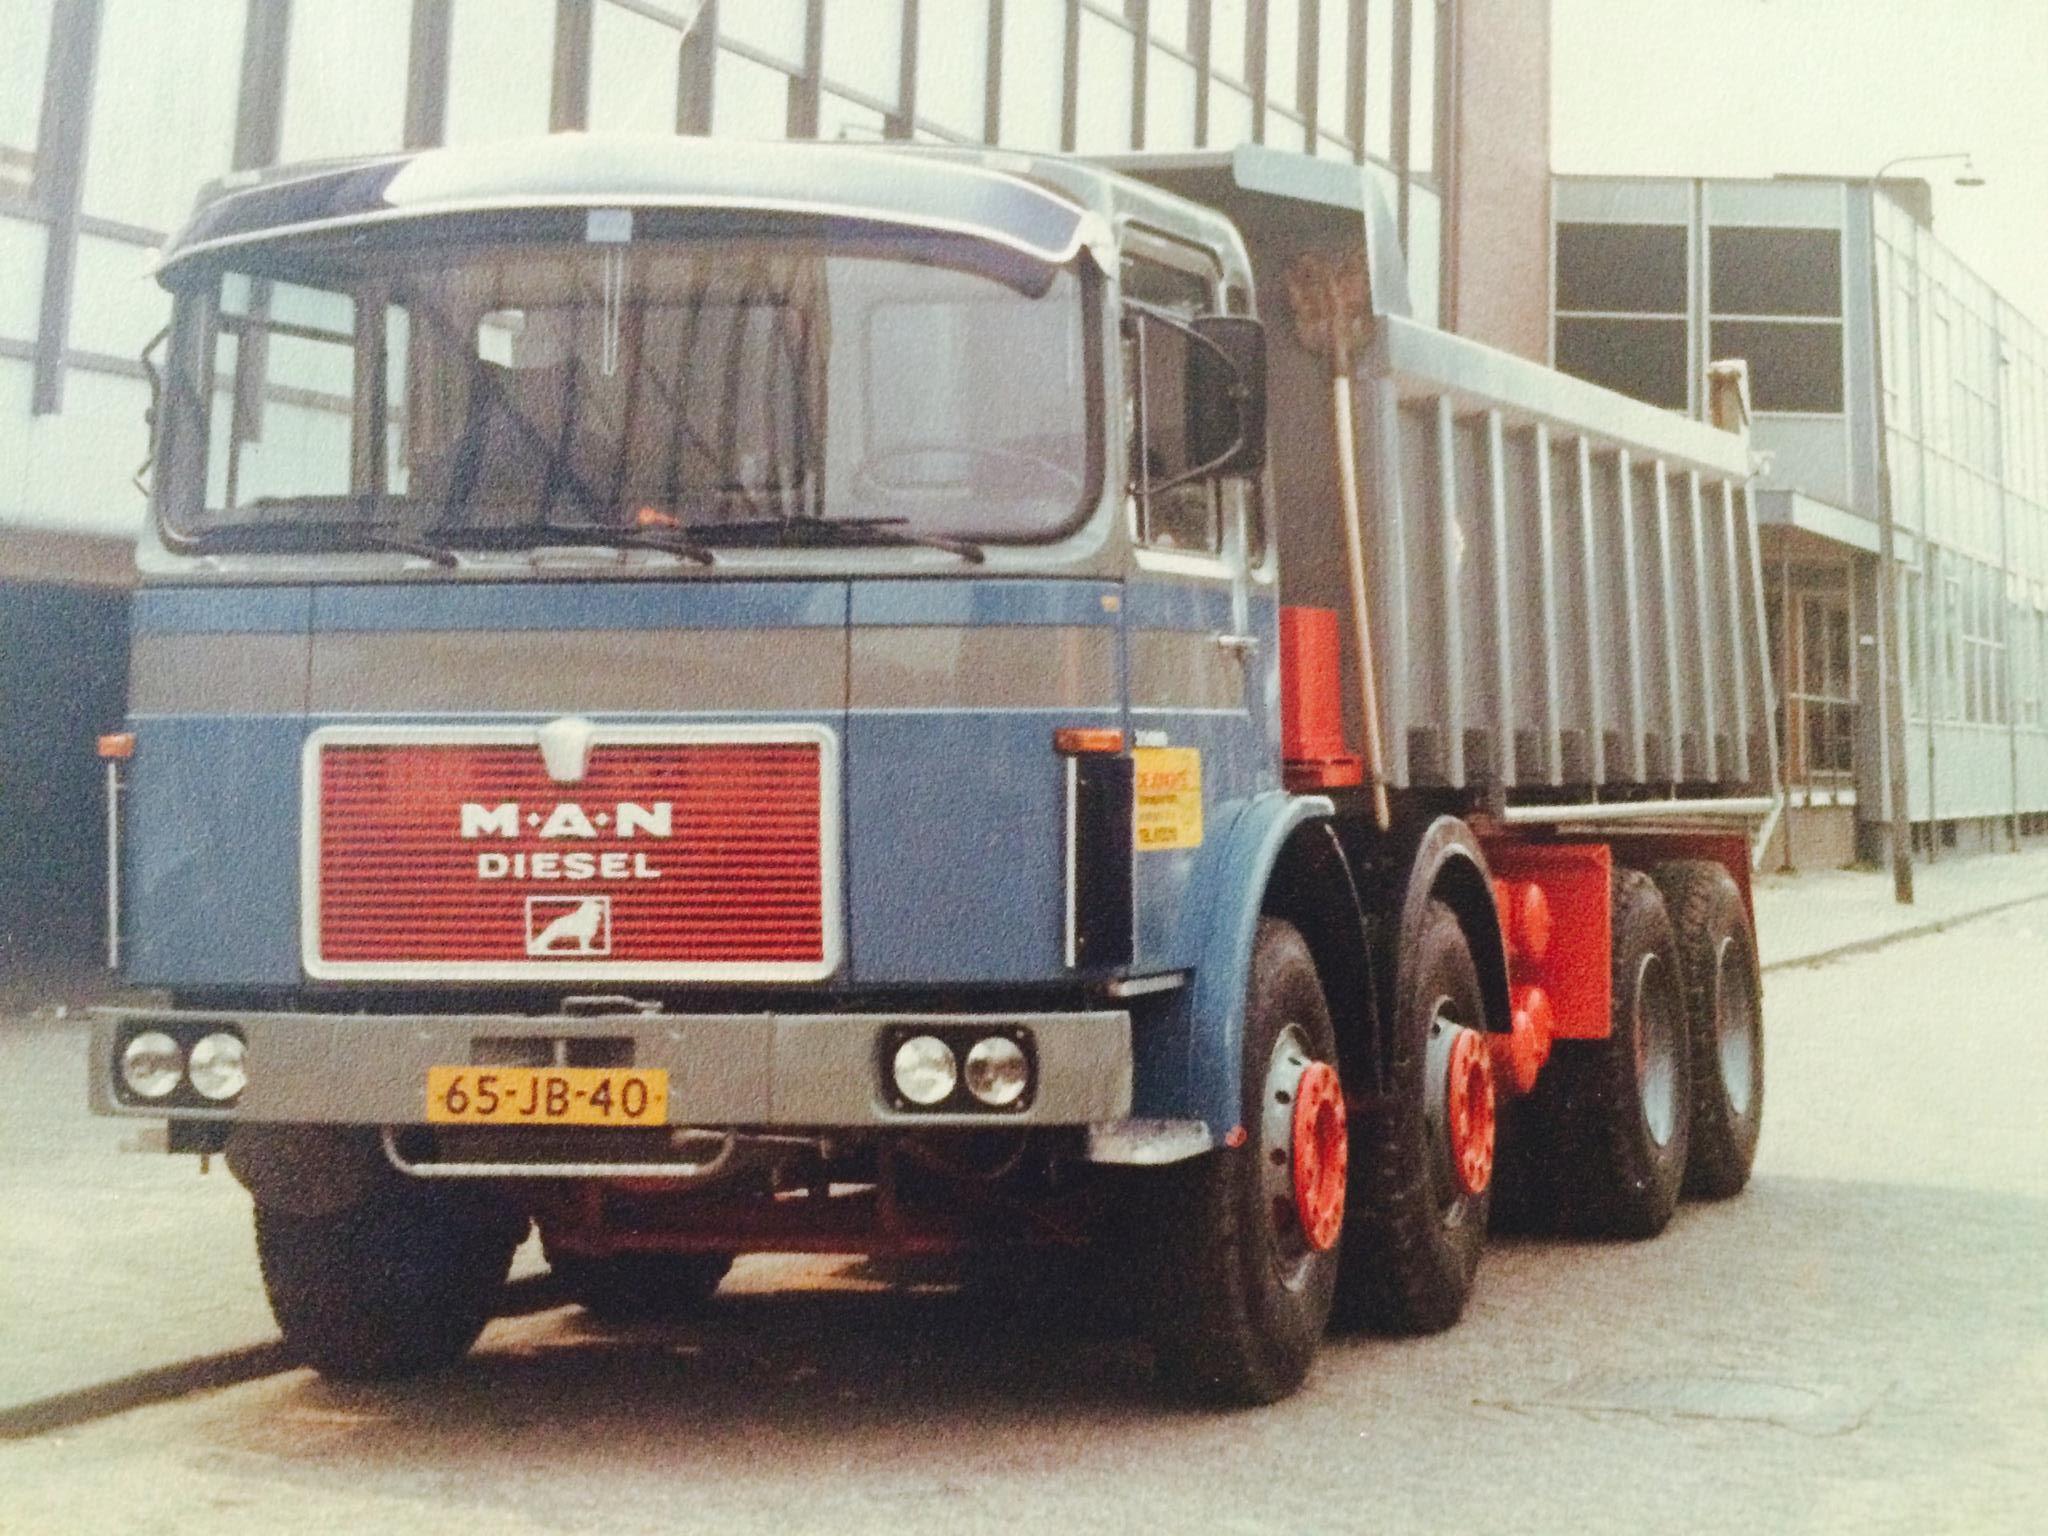 MAN--65-JB-40